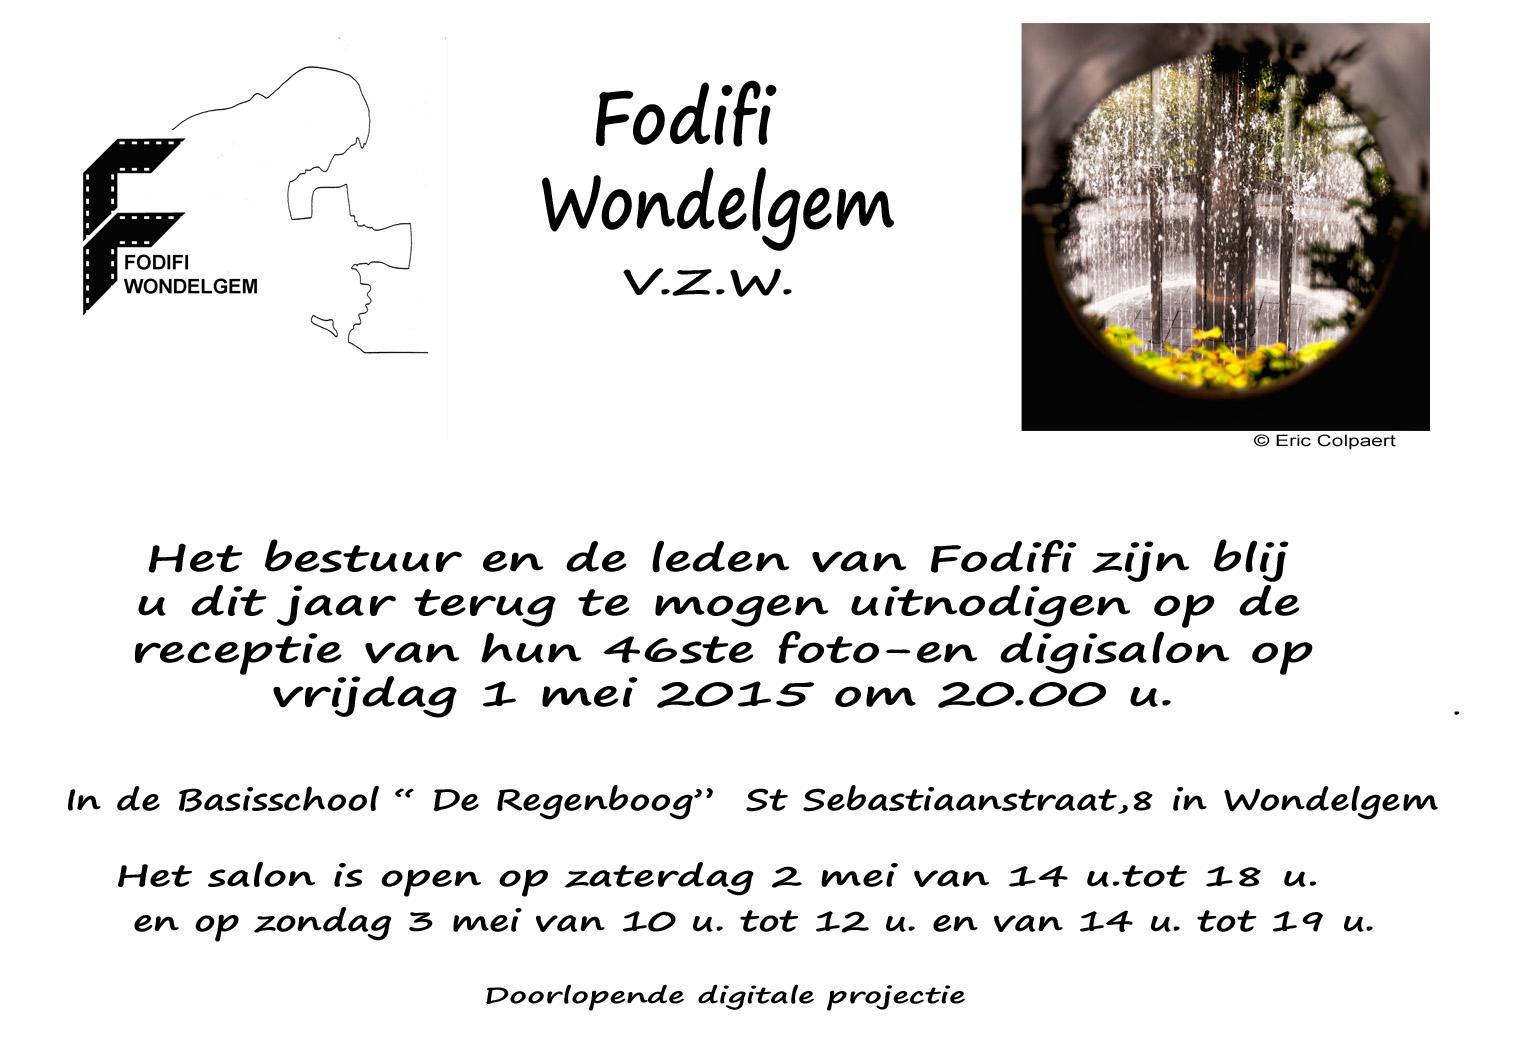 Uitnodiging Fodifi